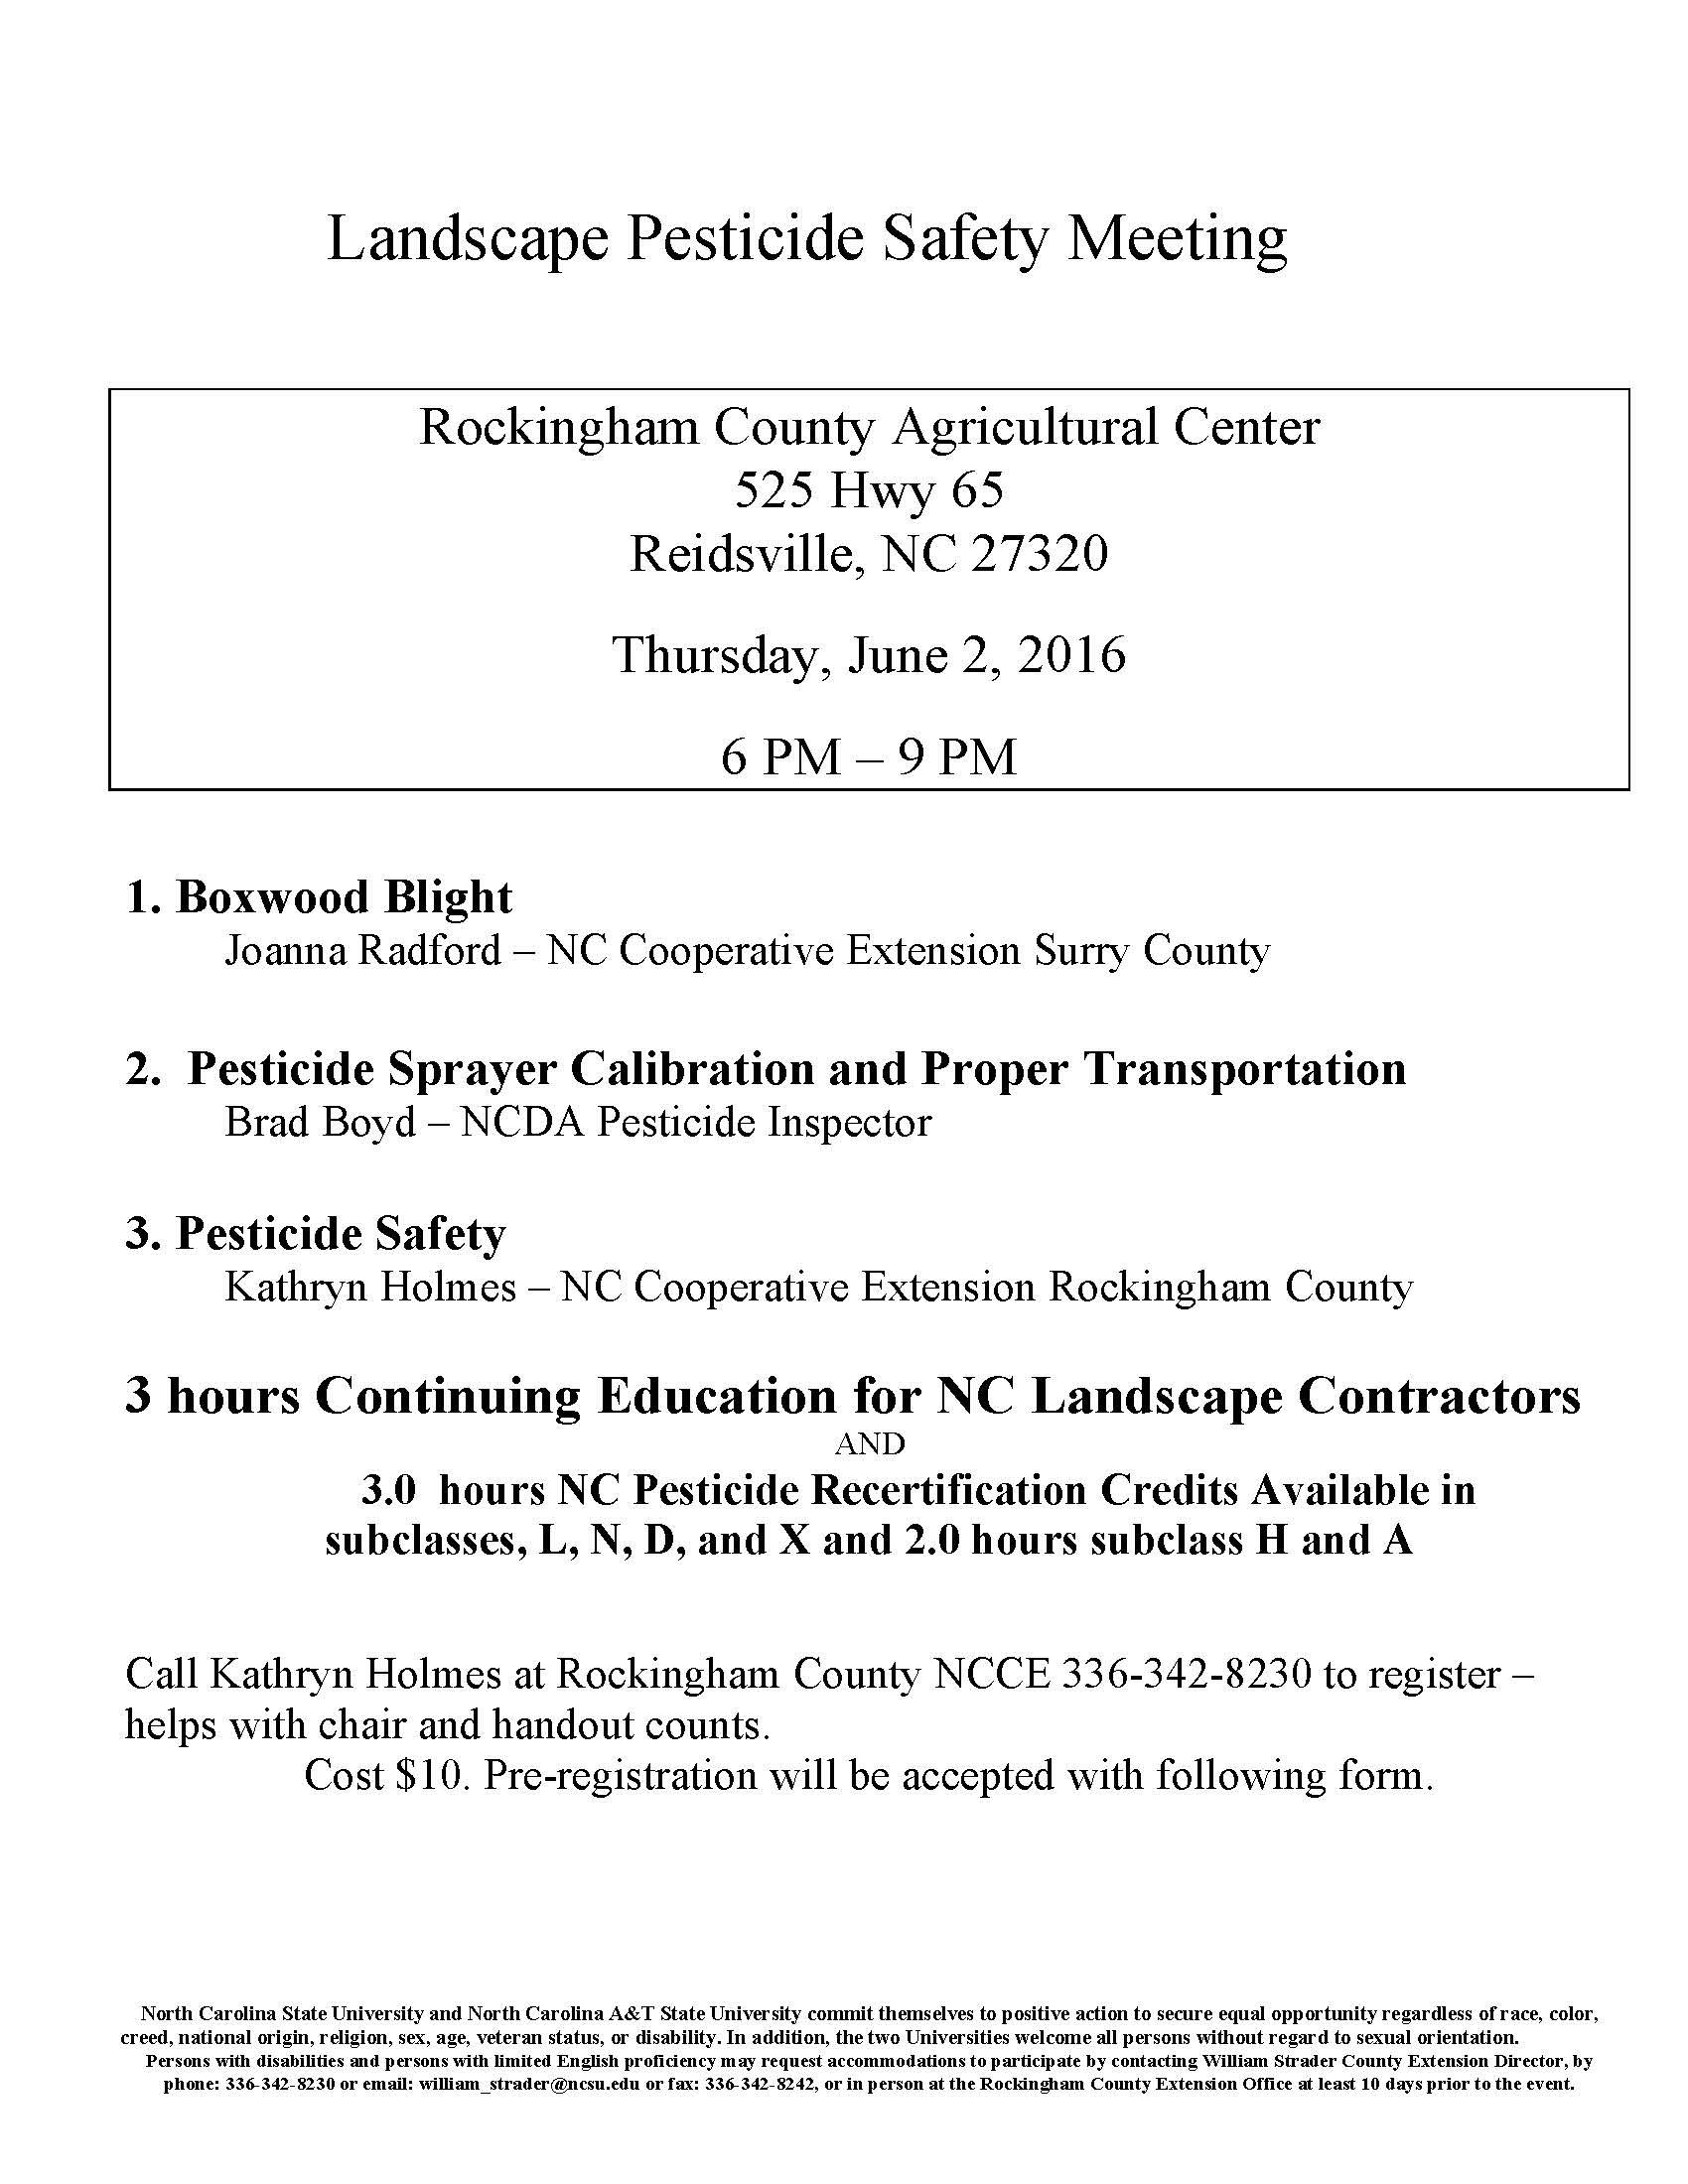 Landscape Pesticide Safety Meeting North Carolina Cooperative  2016JuneGIMeeting Page 1 Landscape Pesticide Safety Meeting County Extension